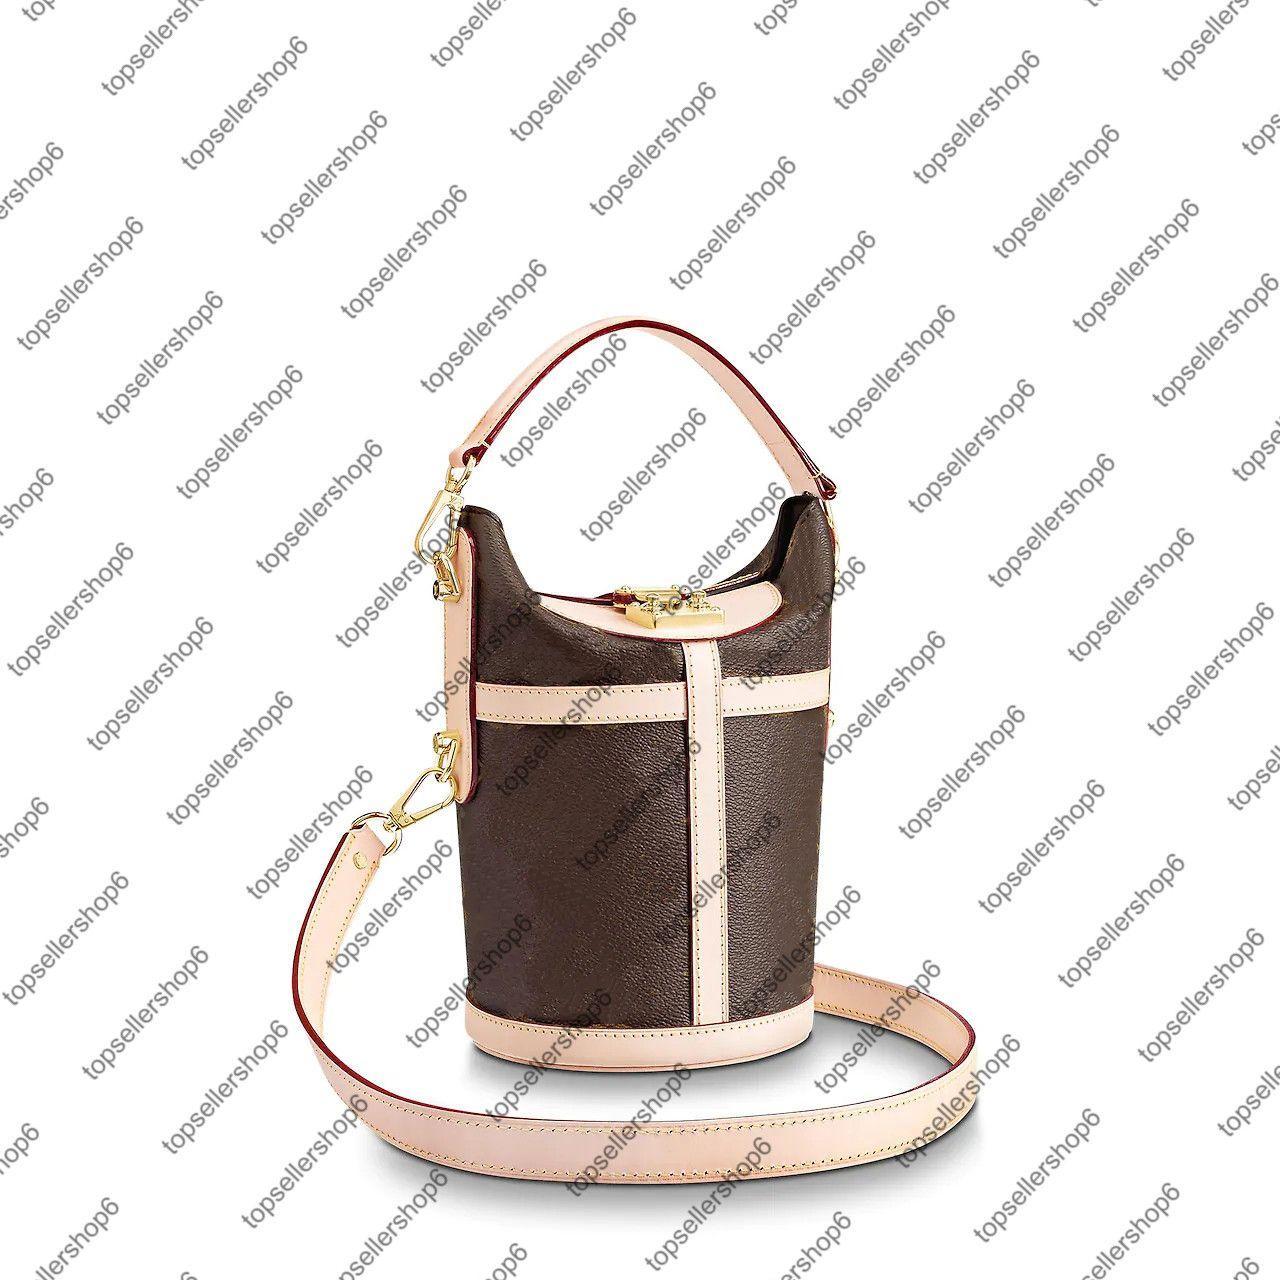 M43587 واق حقيبة يد حقيبة يد نساء جلد البقر الطبيعي ق قفل قفل قماش دلو الكتف حقيبة محفظة عبر الجسم رسول حقيبة